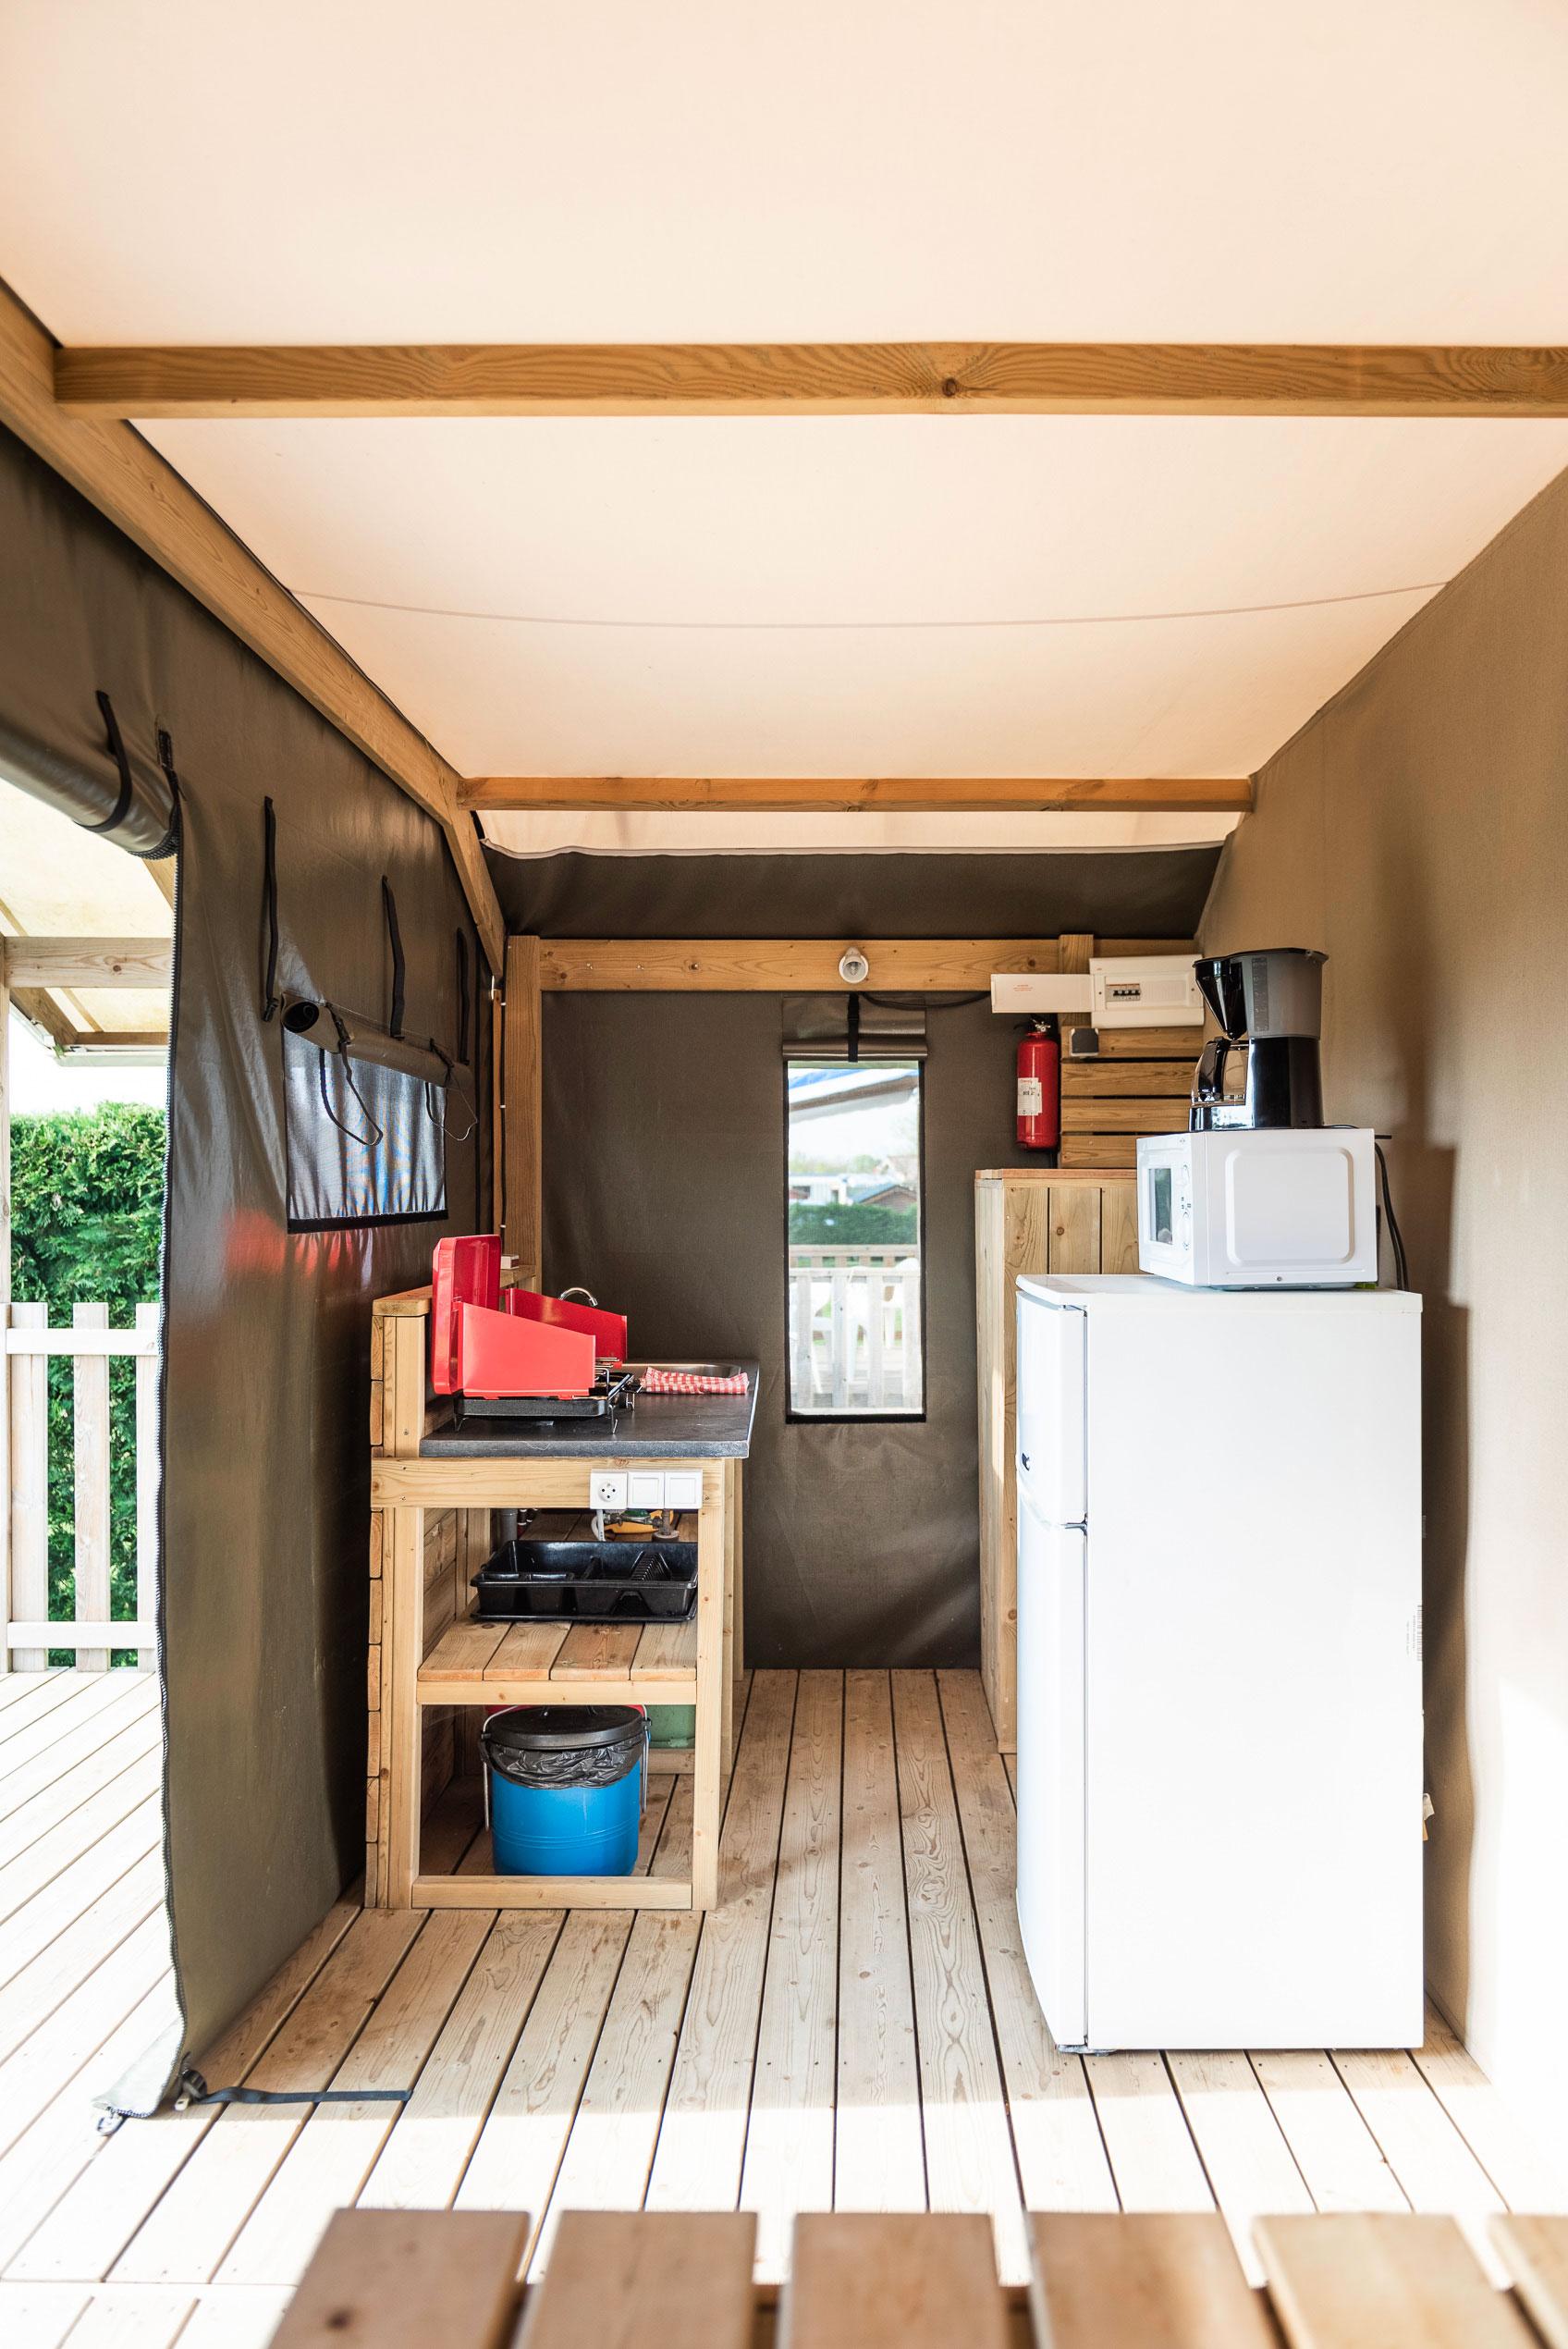 galerie-photos-camping-avec-tente-lodge-6-pers-interieur-camping-le-port-de-moricq